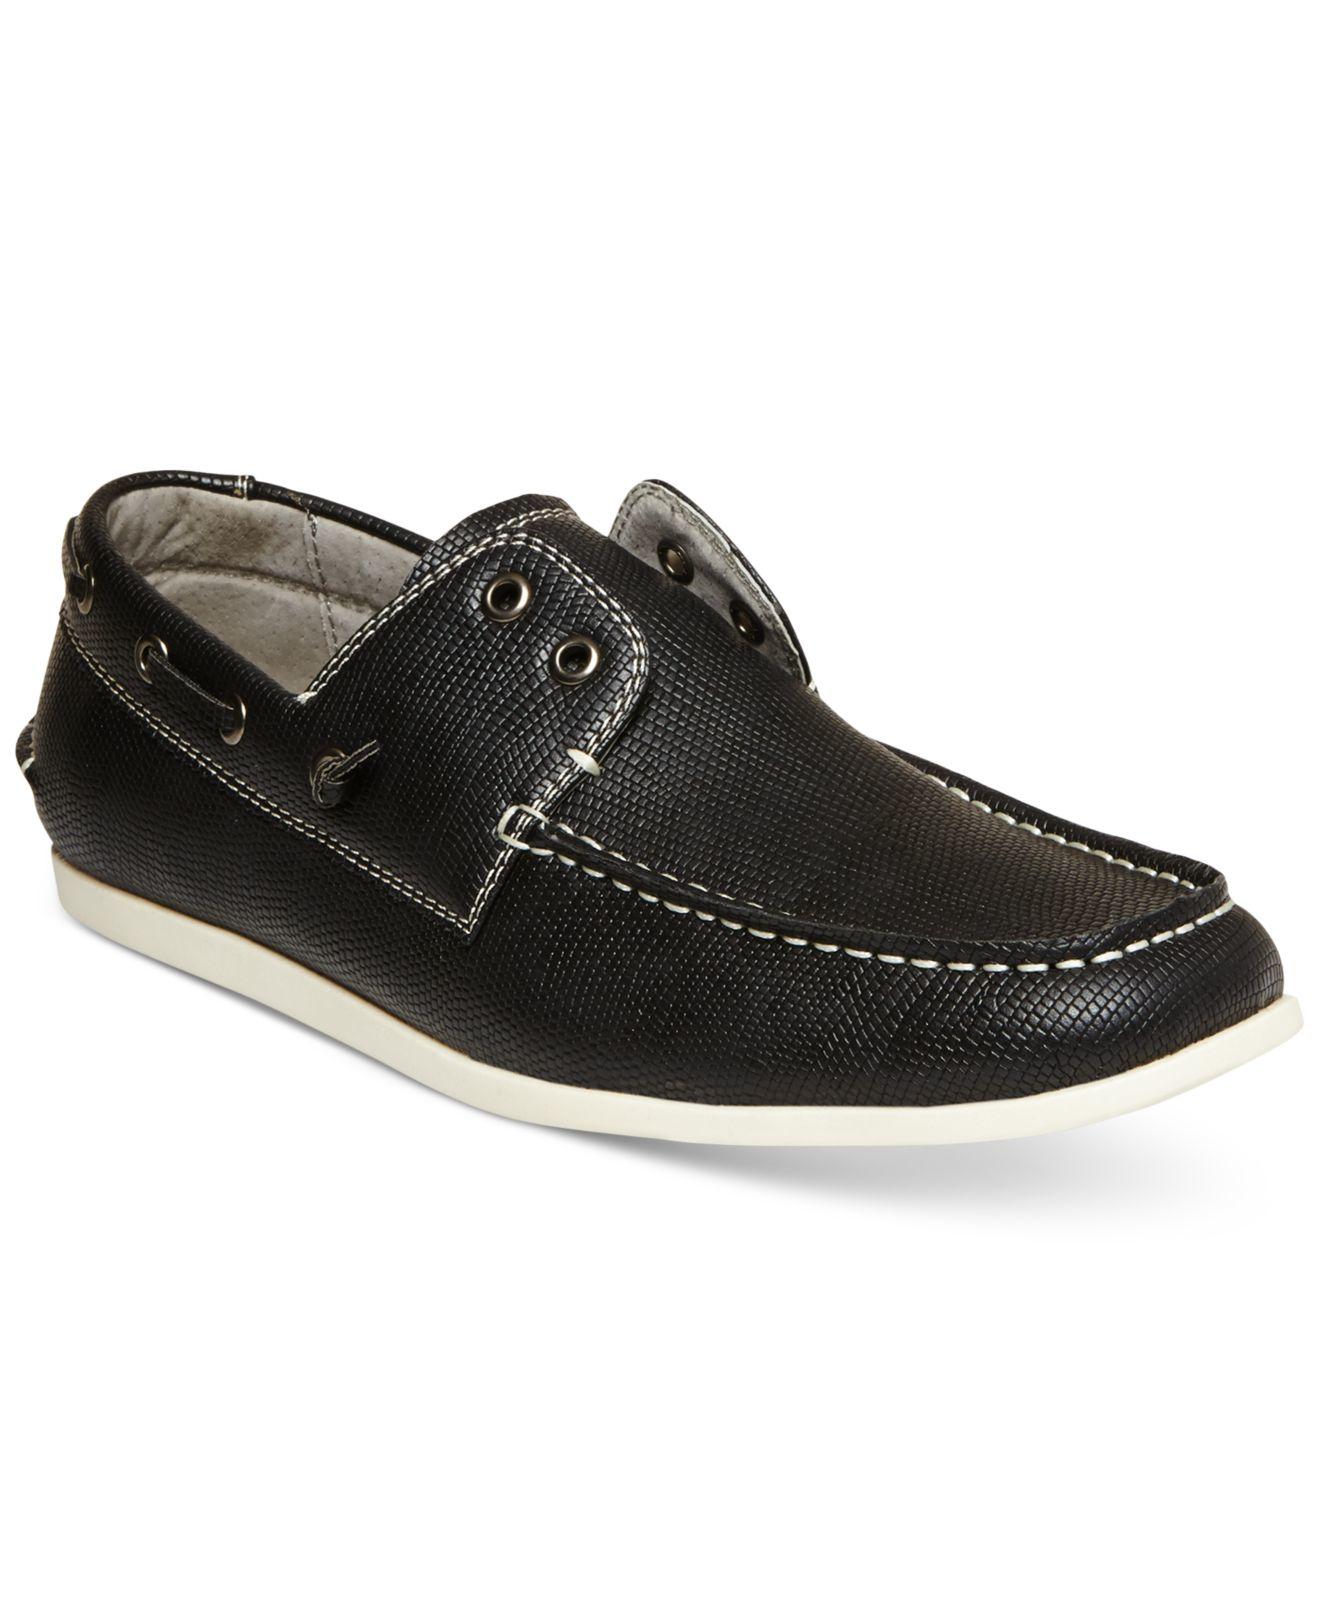 d92eb6ccf94 Steve Madden Black M-games Boat Shoes for men